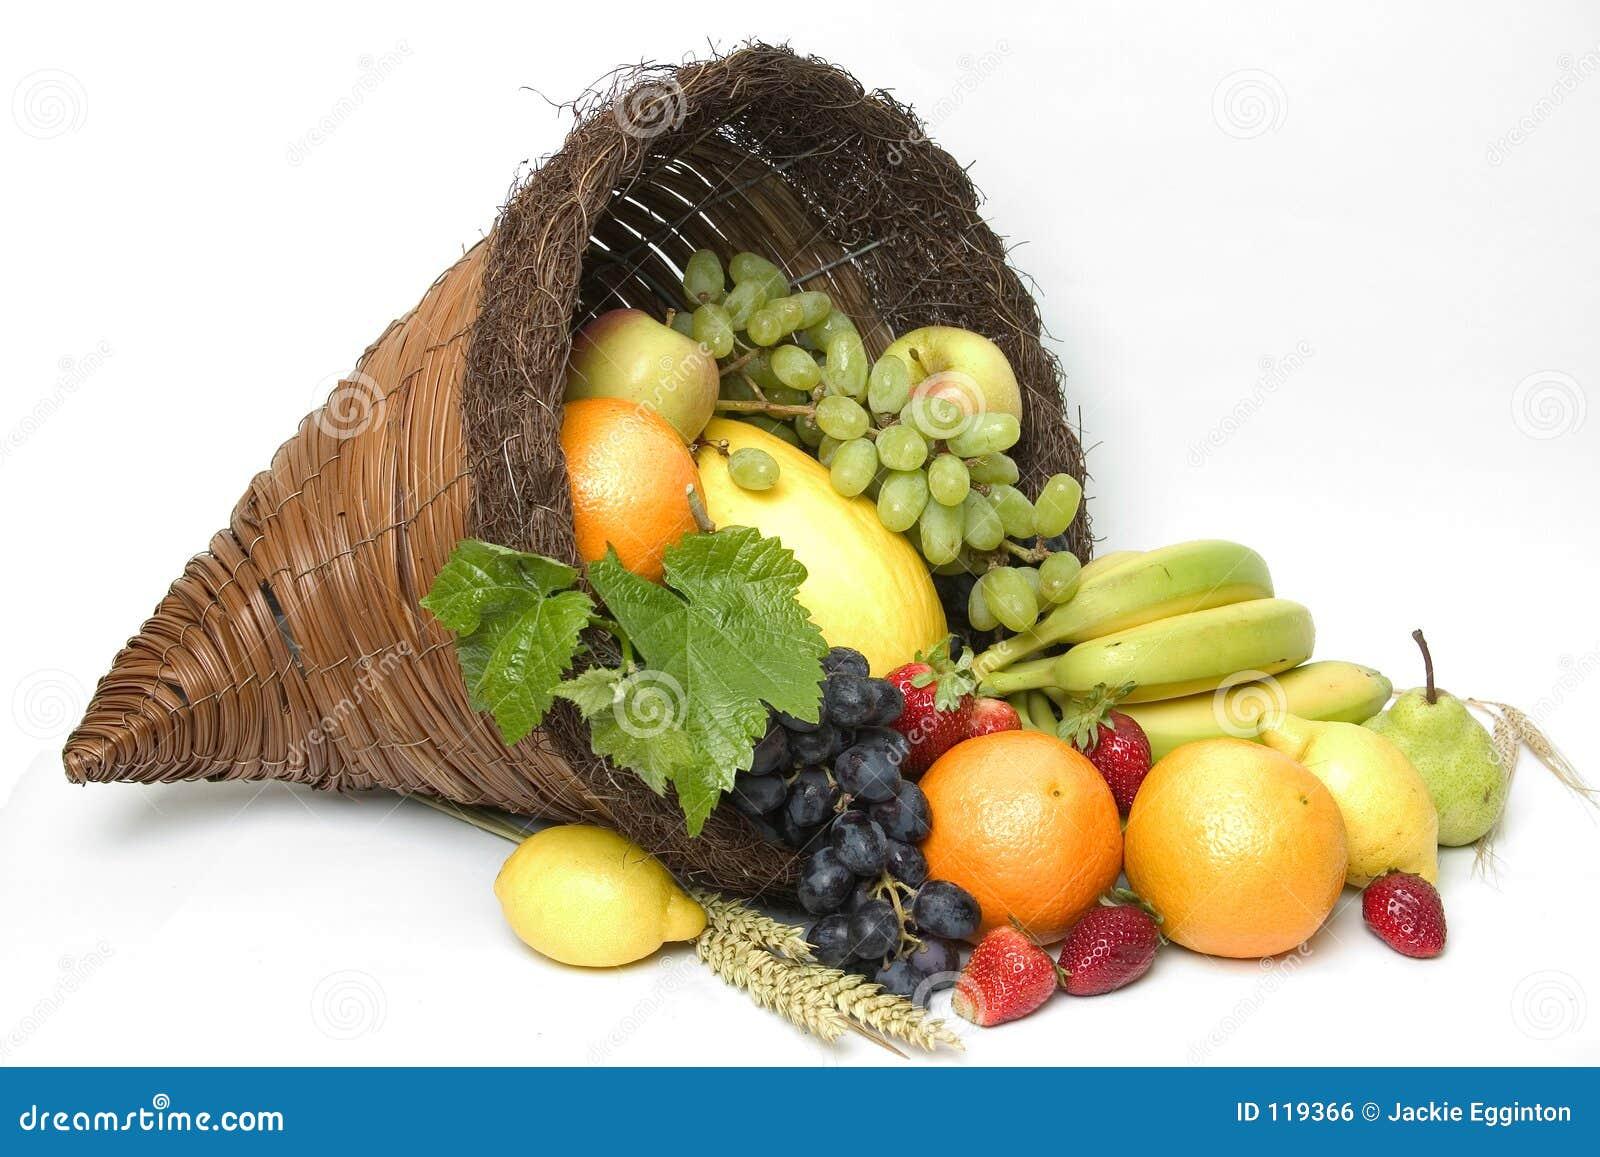 Corne D'abondance 4 De Fruit Image libre de droits - Image: 119366: fr.dreamstime.com/image-libre-de-droits-corne-d-abondance-4-de...